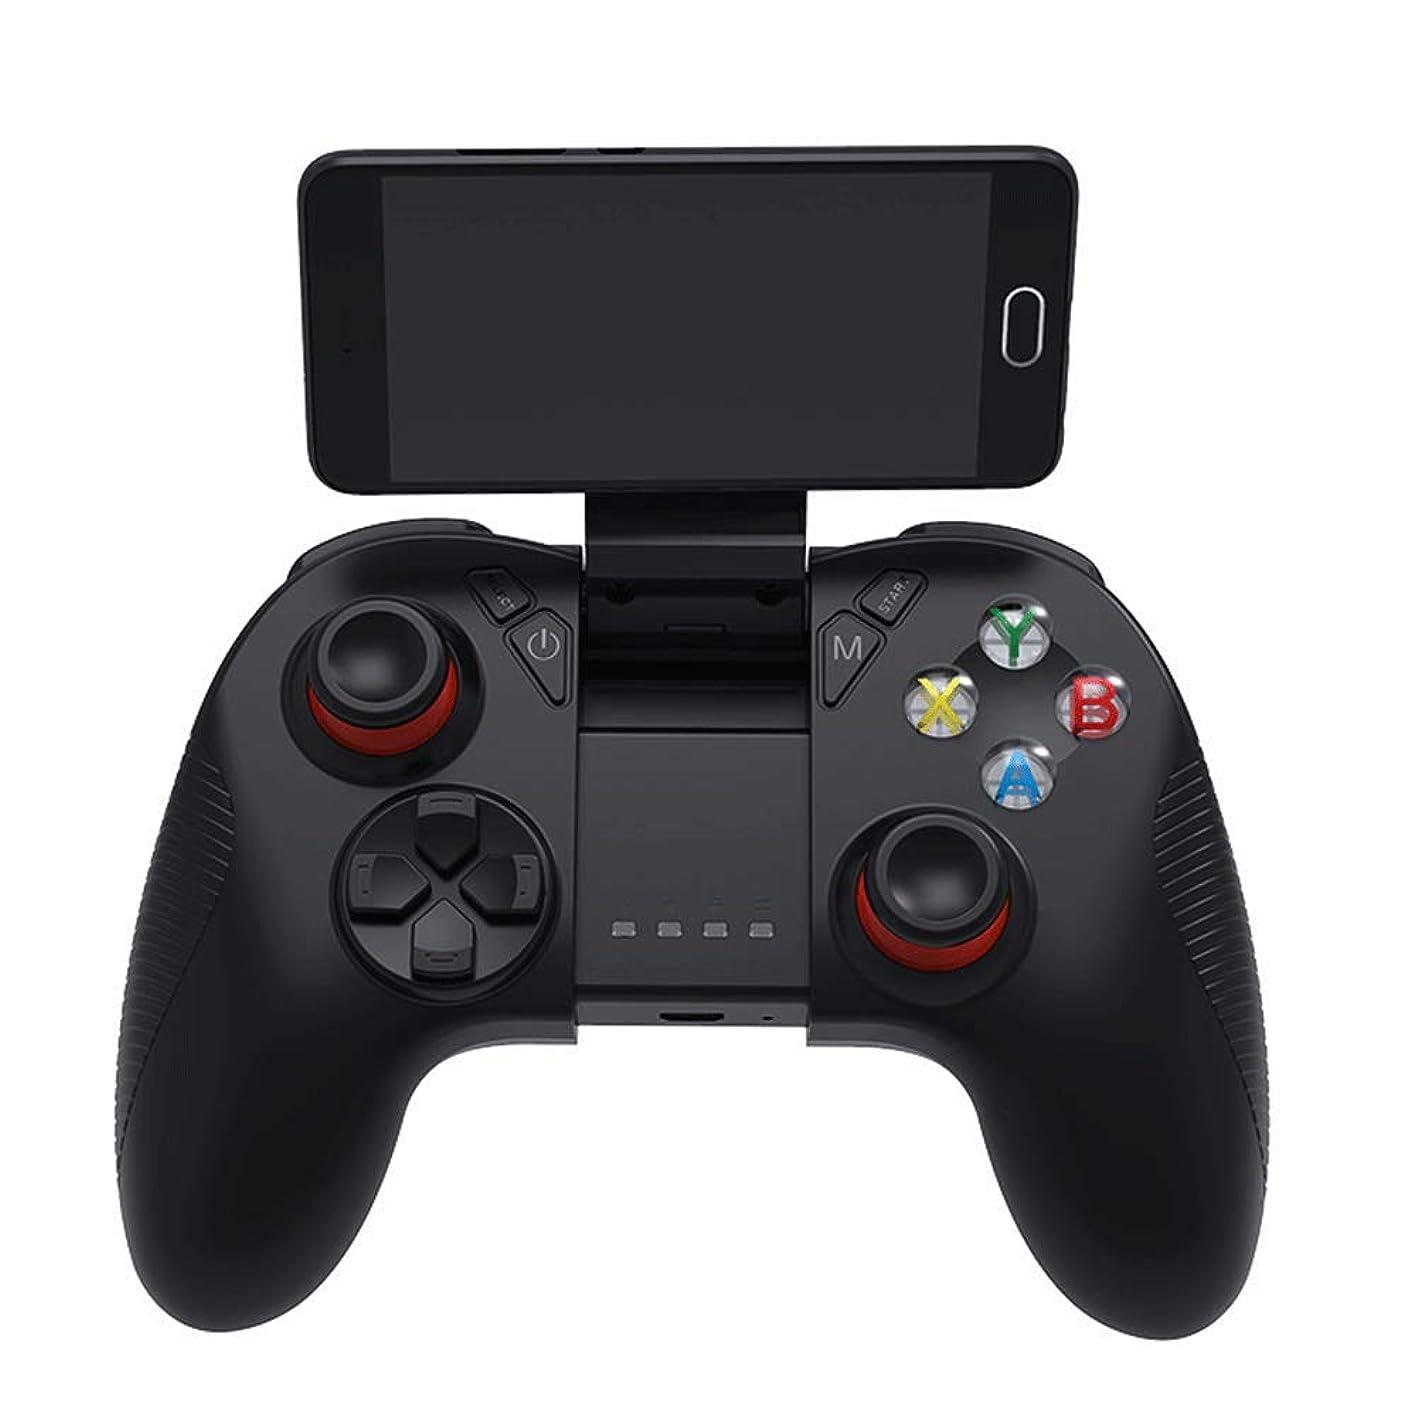 かけがえのない適度な適切にDrg0nワイヤレスBluetoothゲームパッドスタンド付きVRリモートコントロール携帯電話iOS Androidチキンを食べる